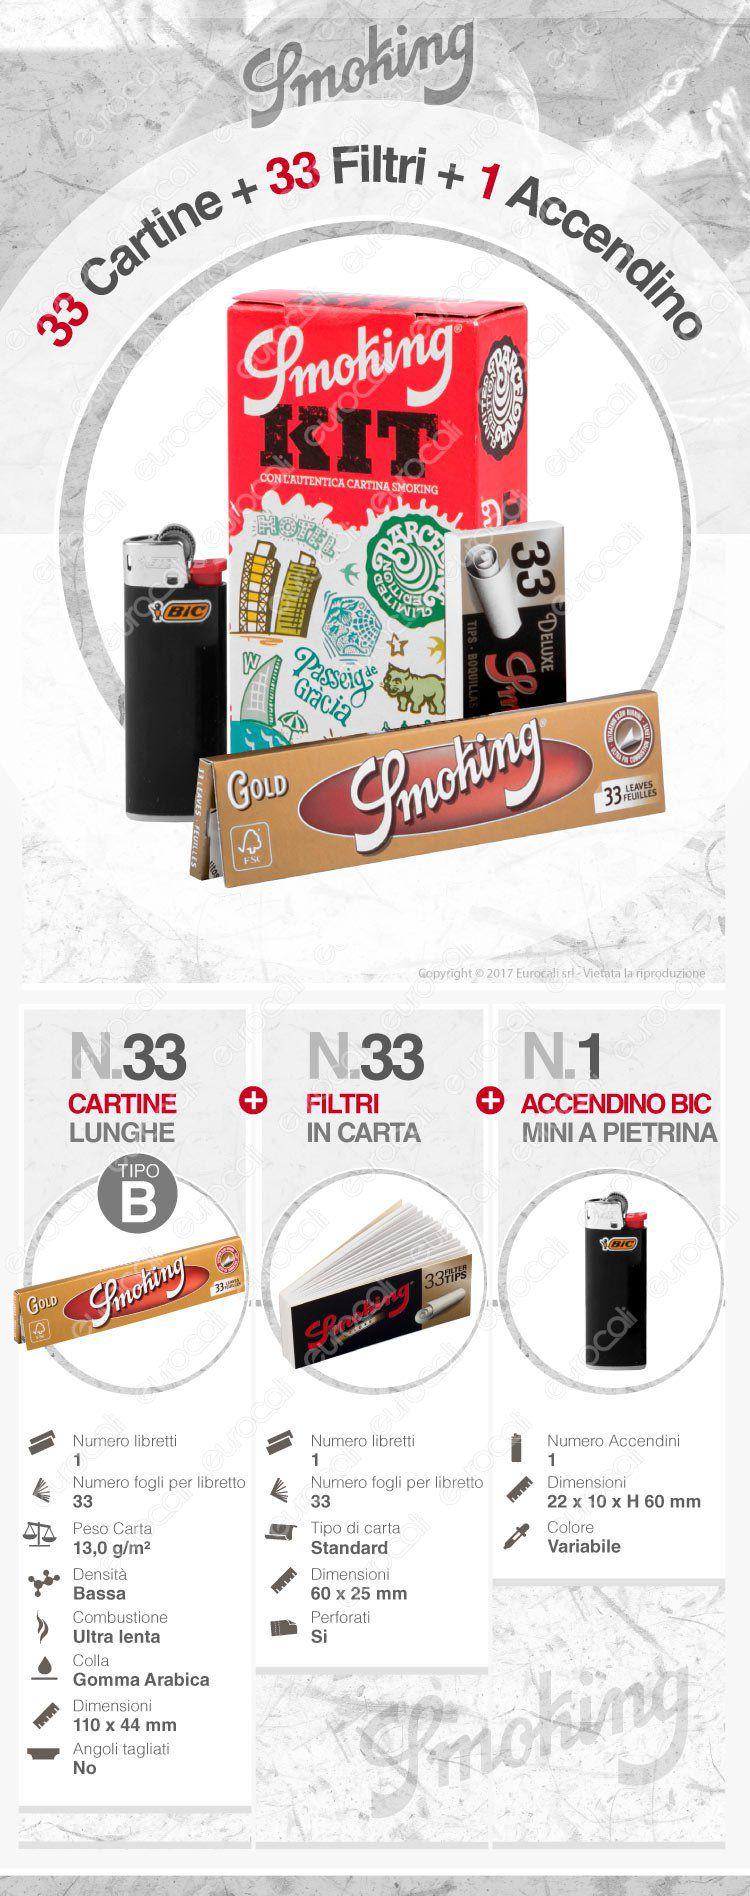 Cartine Smoking